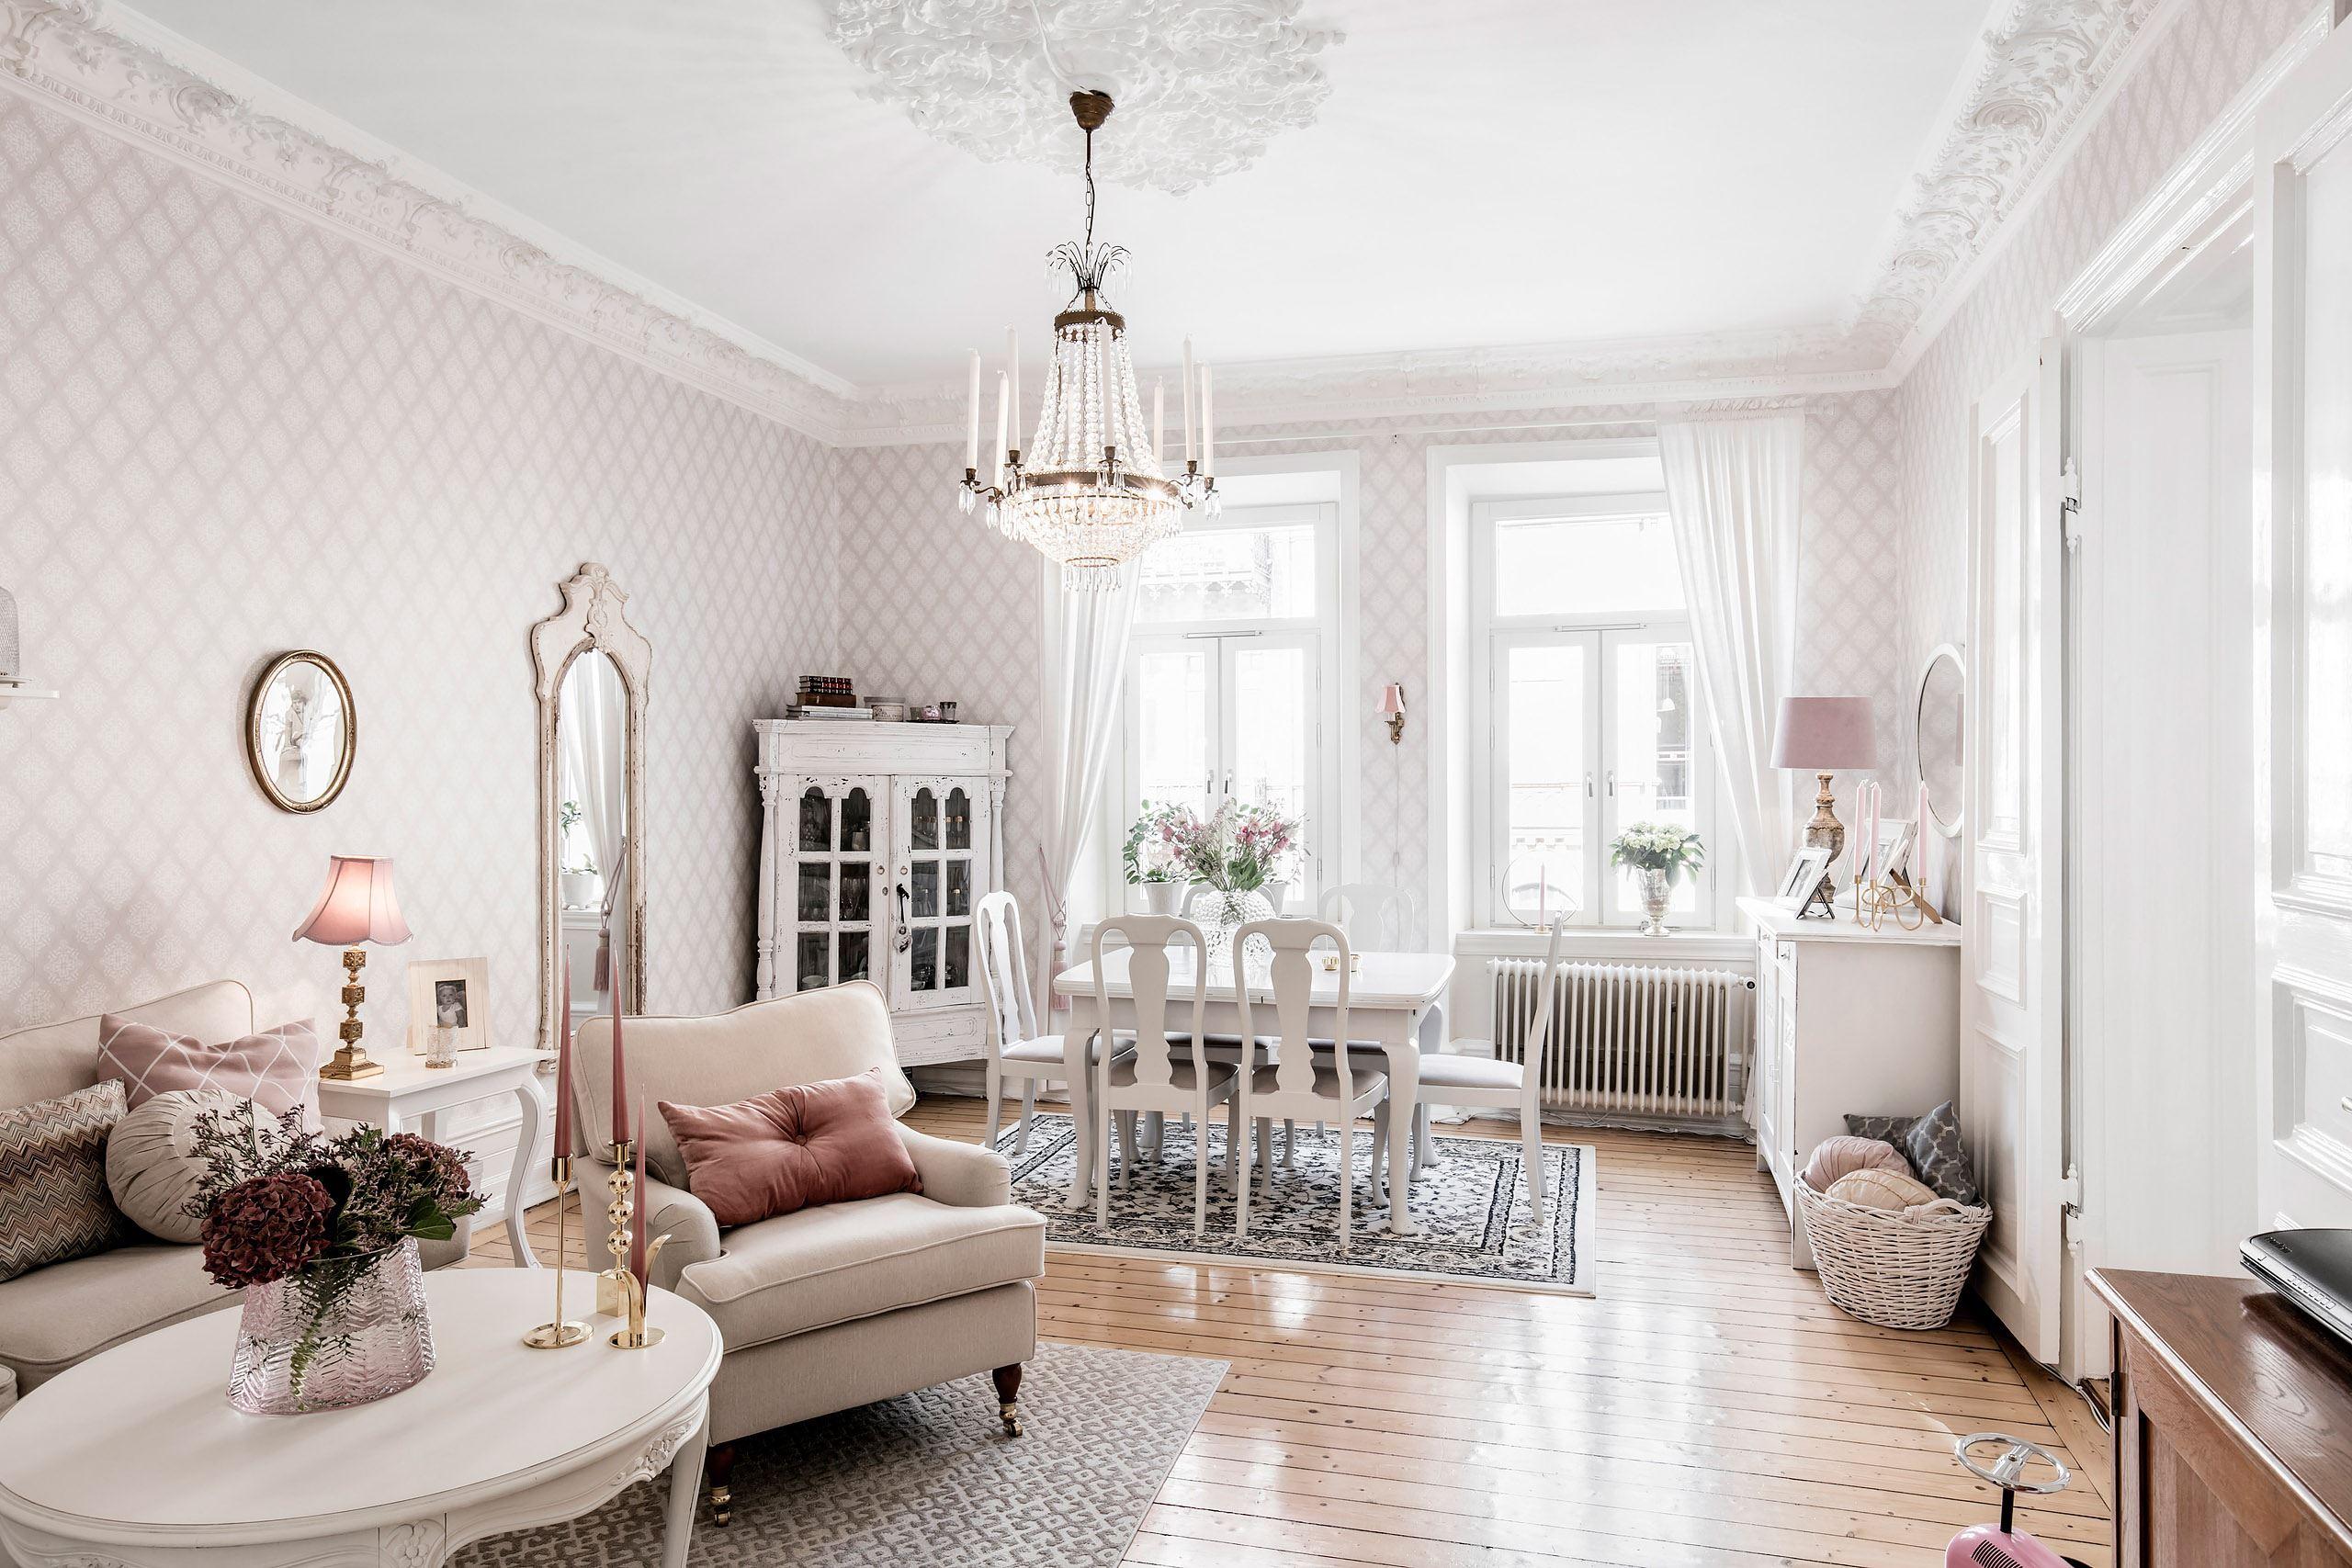 гостиная обои лепнина потолочная розетка хрустальная люстра деревянный пол окна